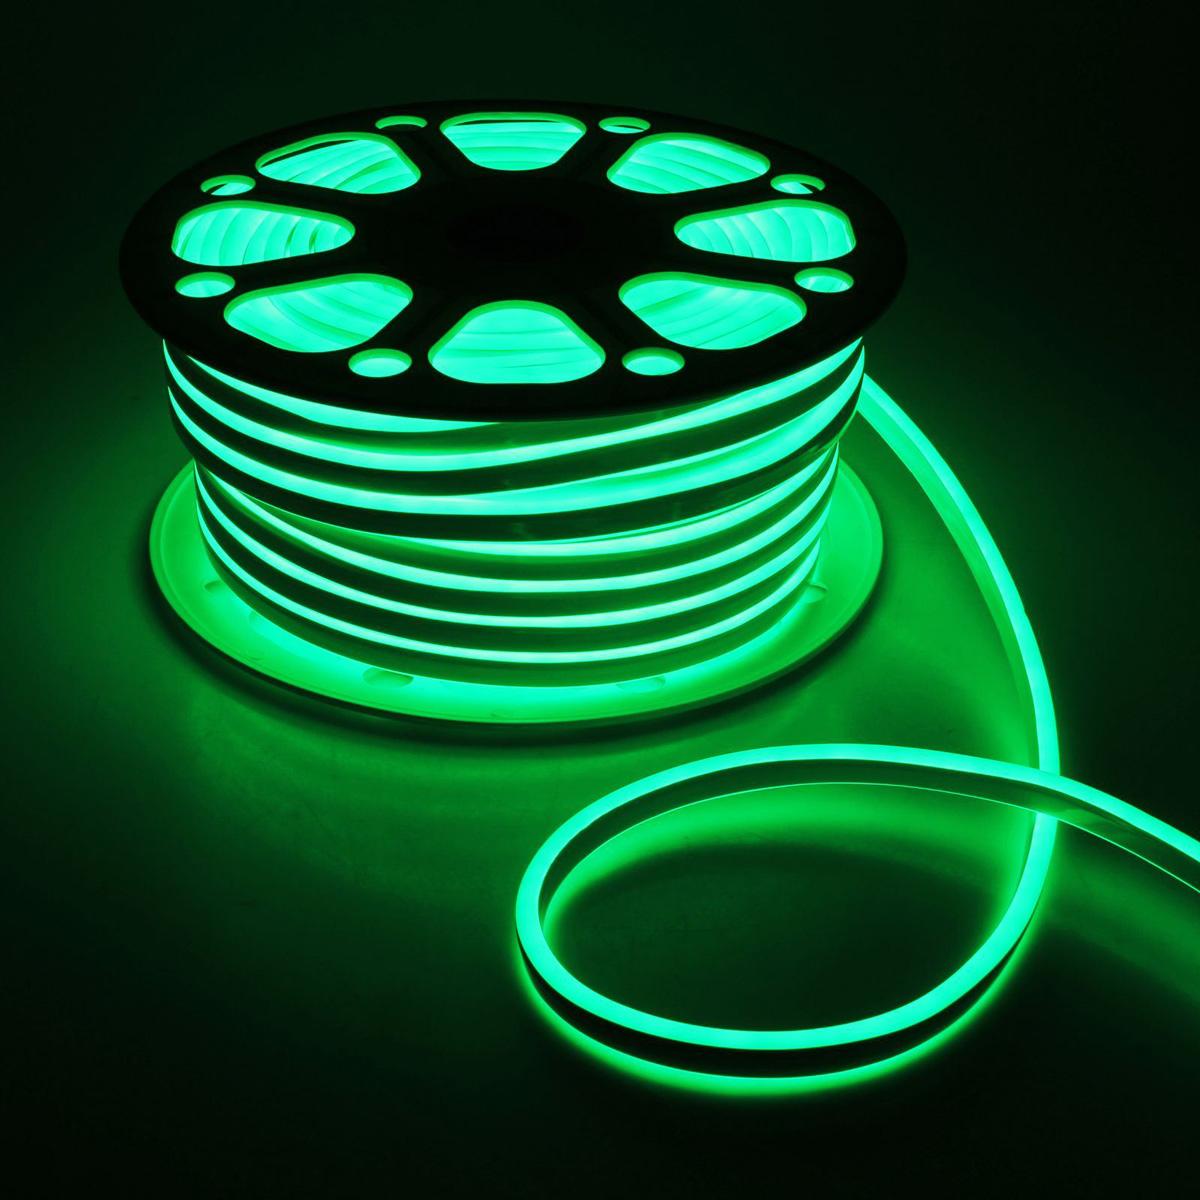 Гирлянда светодиодная Luazon, 120 ламп, 220 V, цвет: зеленый, 0,8 см х 1,8 см х 50 м. 14312891431289Светодиодные гирлянды, ленты и т.д — это отличный вариант для новогоднего оформления интерьера или фасада. С их помощью помещение любого размера можно превратить в праздничный зал, а внешние элементы зданий, украшенные ими, мгновенно станут напоминать очертания сказочного дворца. Такие украшения создают ауру предвкушения чуда. Деревья, фасады, витрины, окна и арки будто специально созданы, чтобы вы украсили их светящимися нитями.